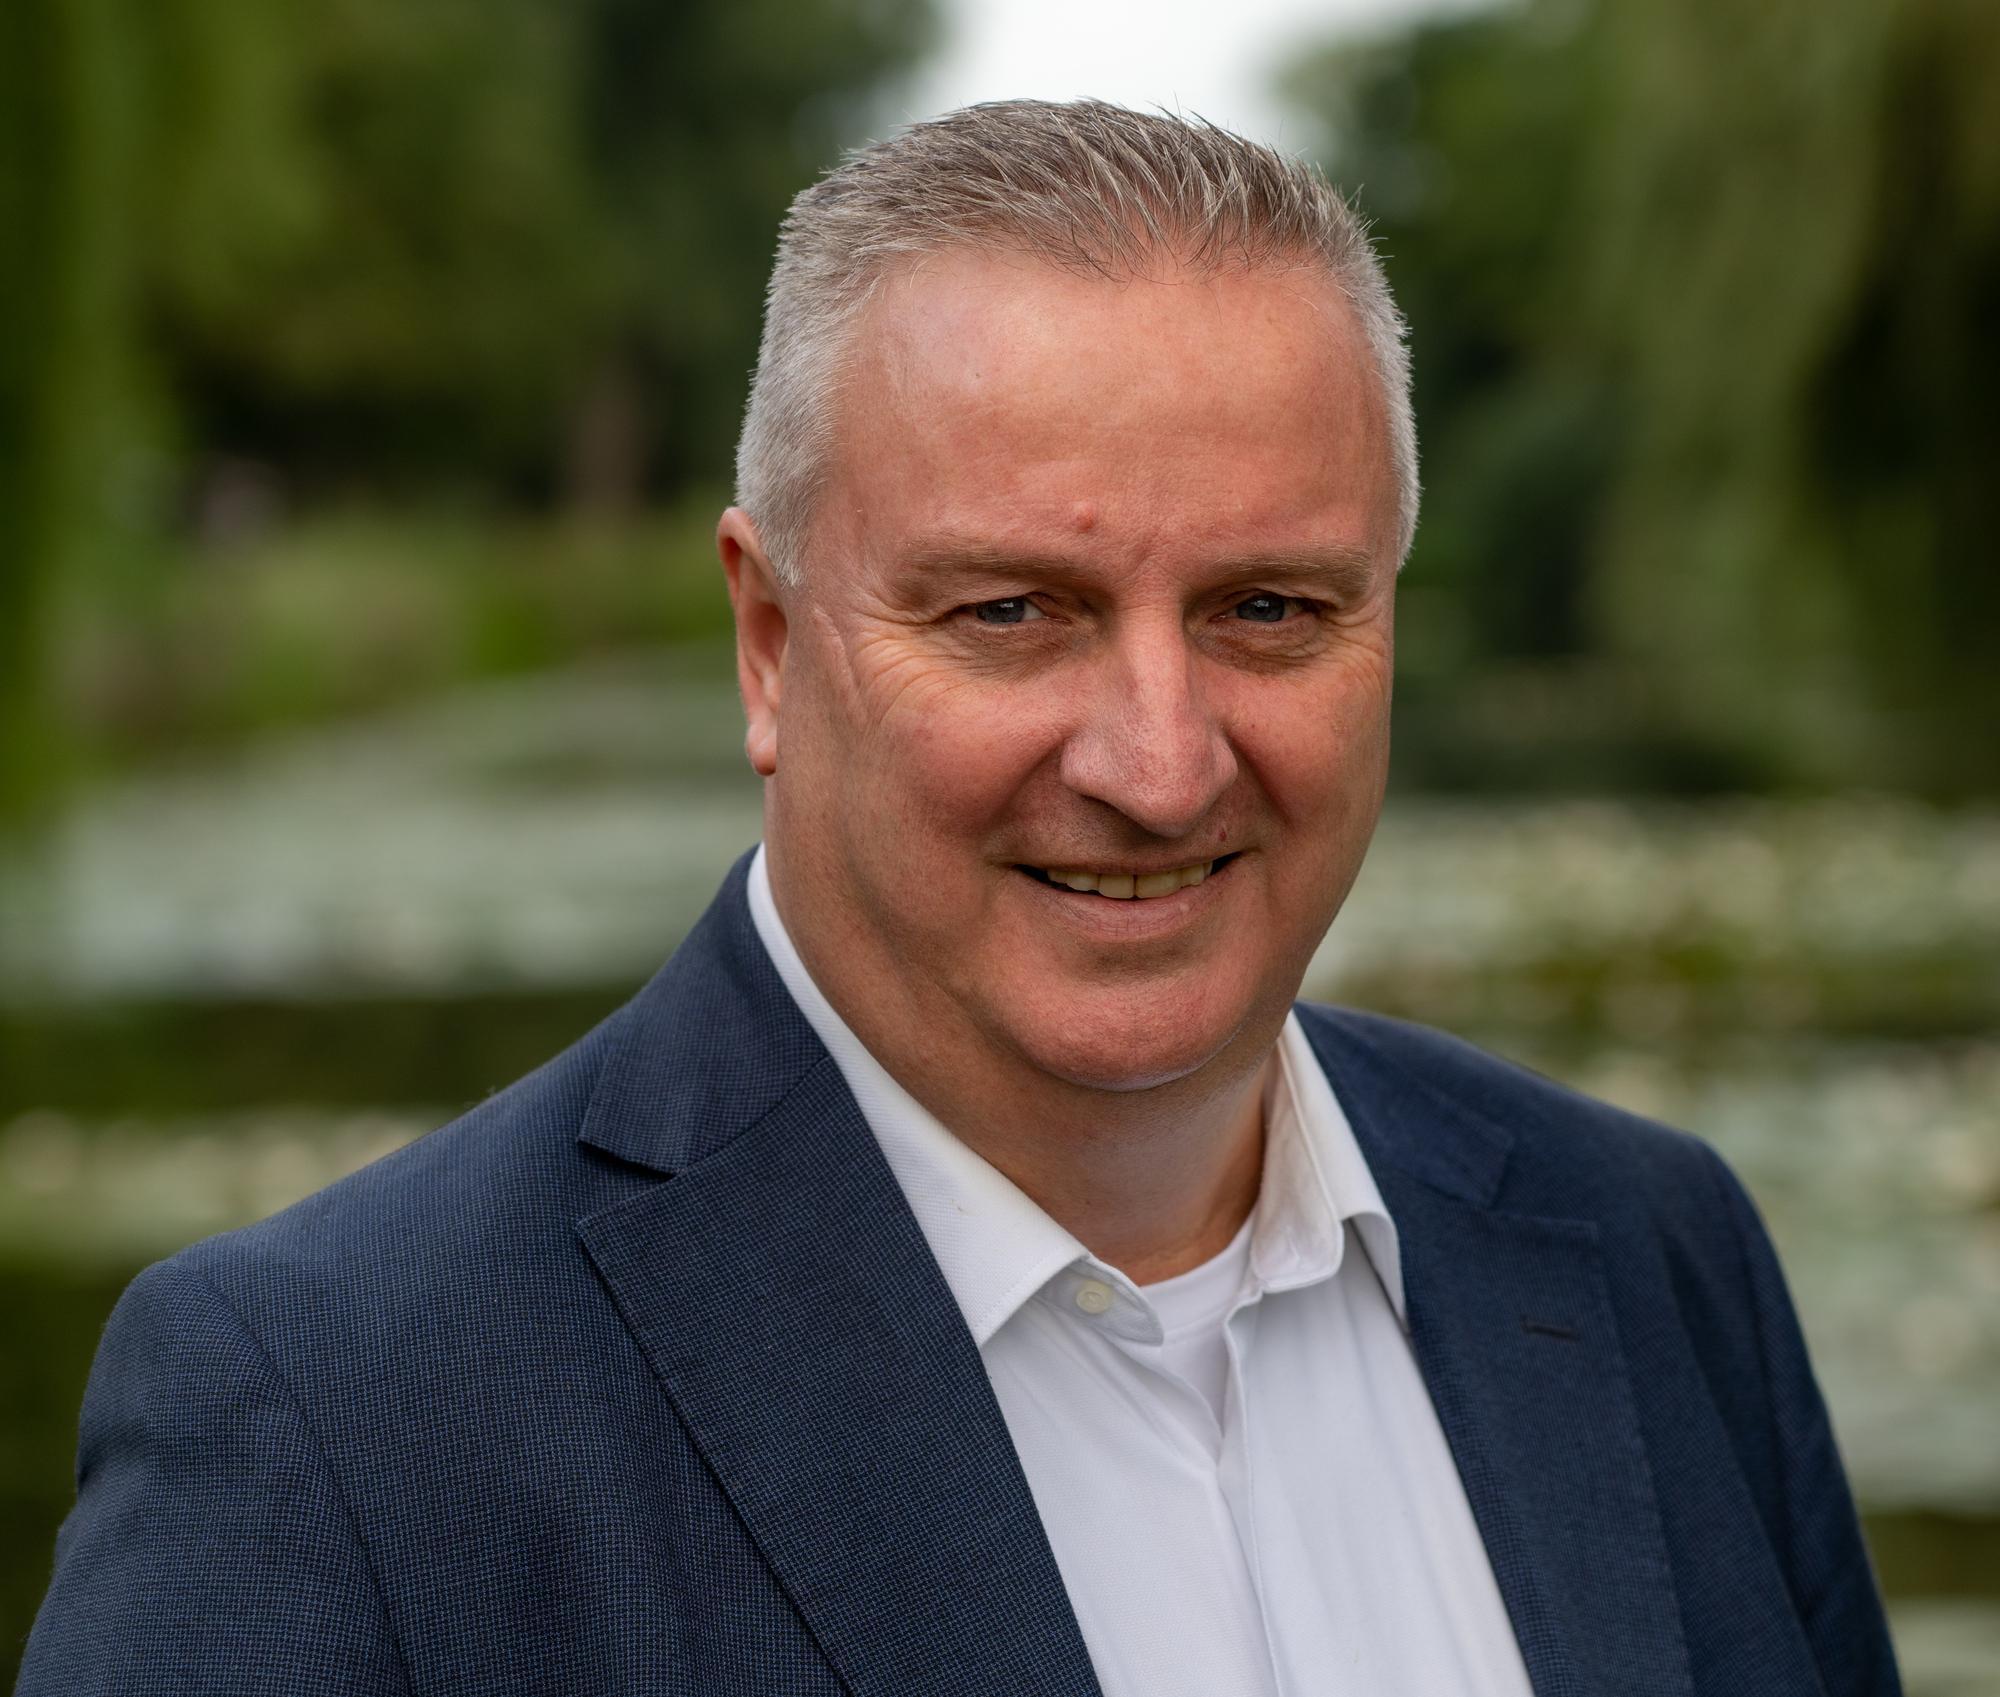 Politicus in de Alkmaarse oppositie heeft niet genoeg aan vlijtig speurwerk | Beschouwing